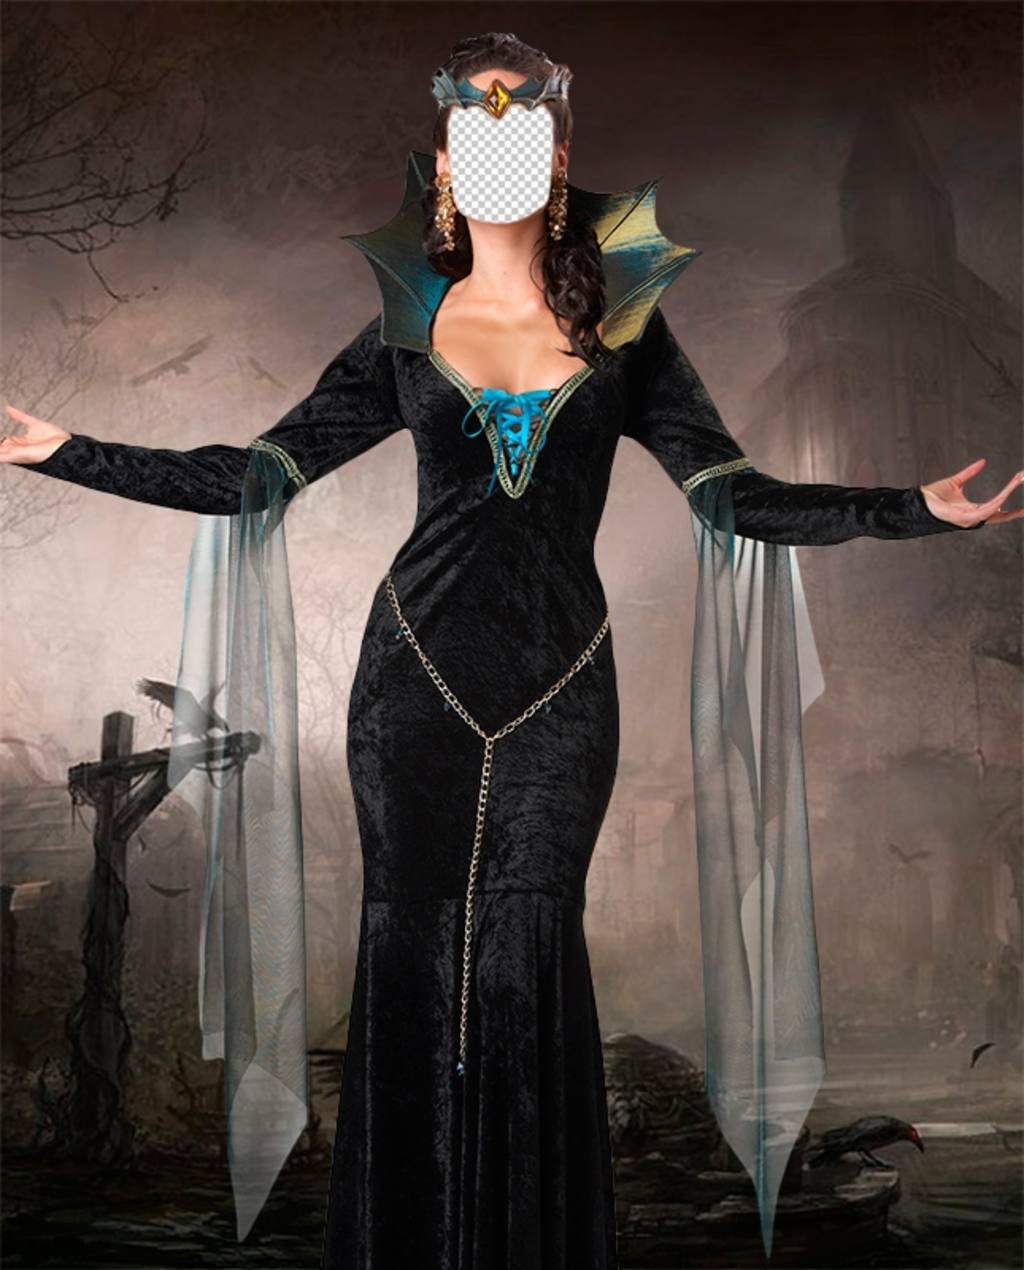 Fotomontage, um Ihr Gesicht in den Körper einer Hexe zu setzen